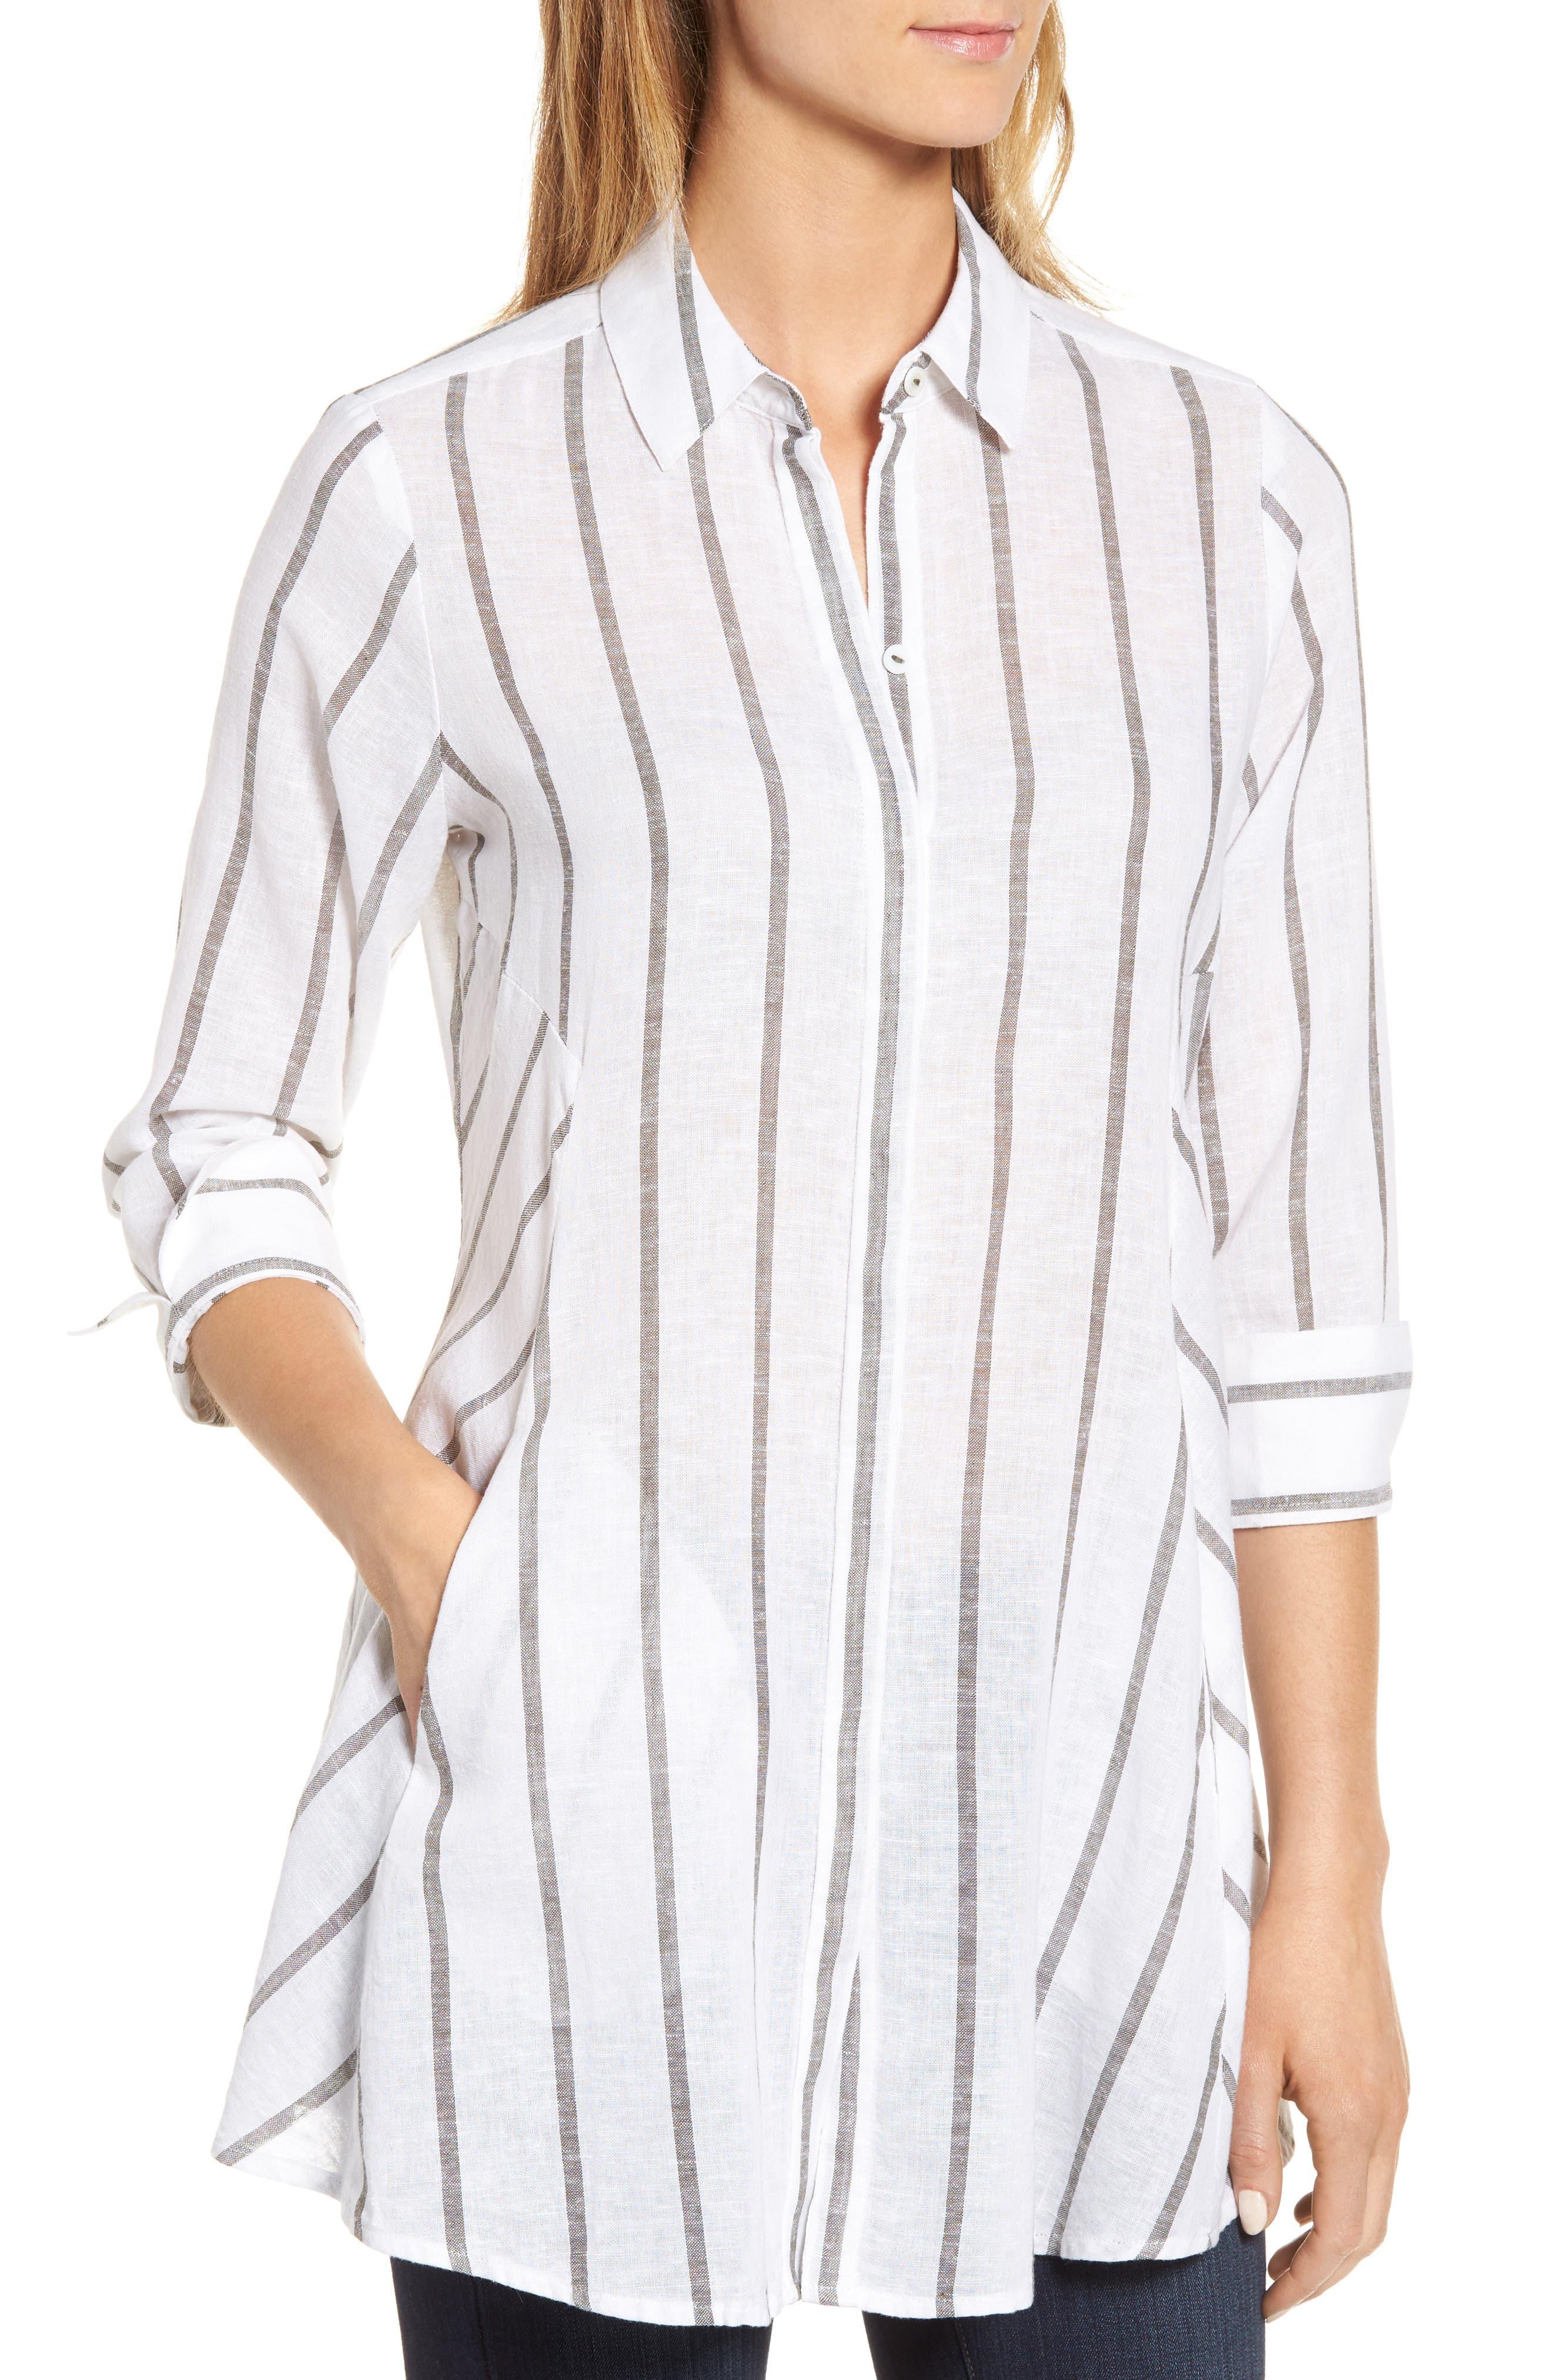 Stripe Tunic Shirt,                             Alternate thumbnail 4, color,                             White/ Olive